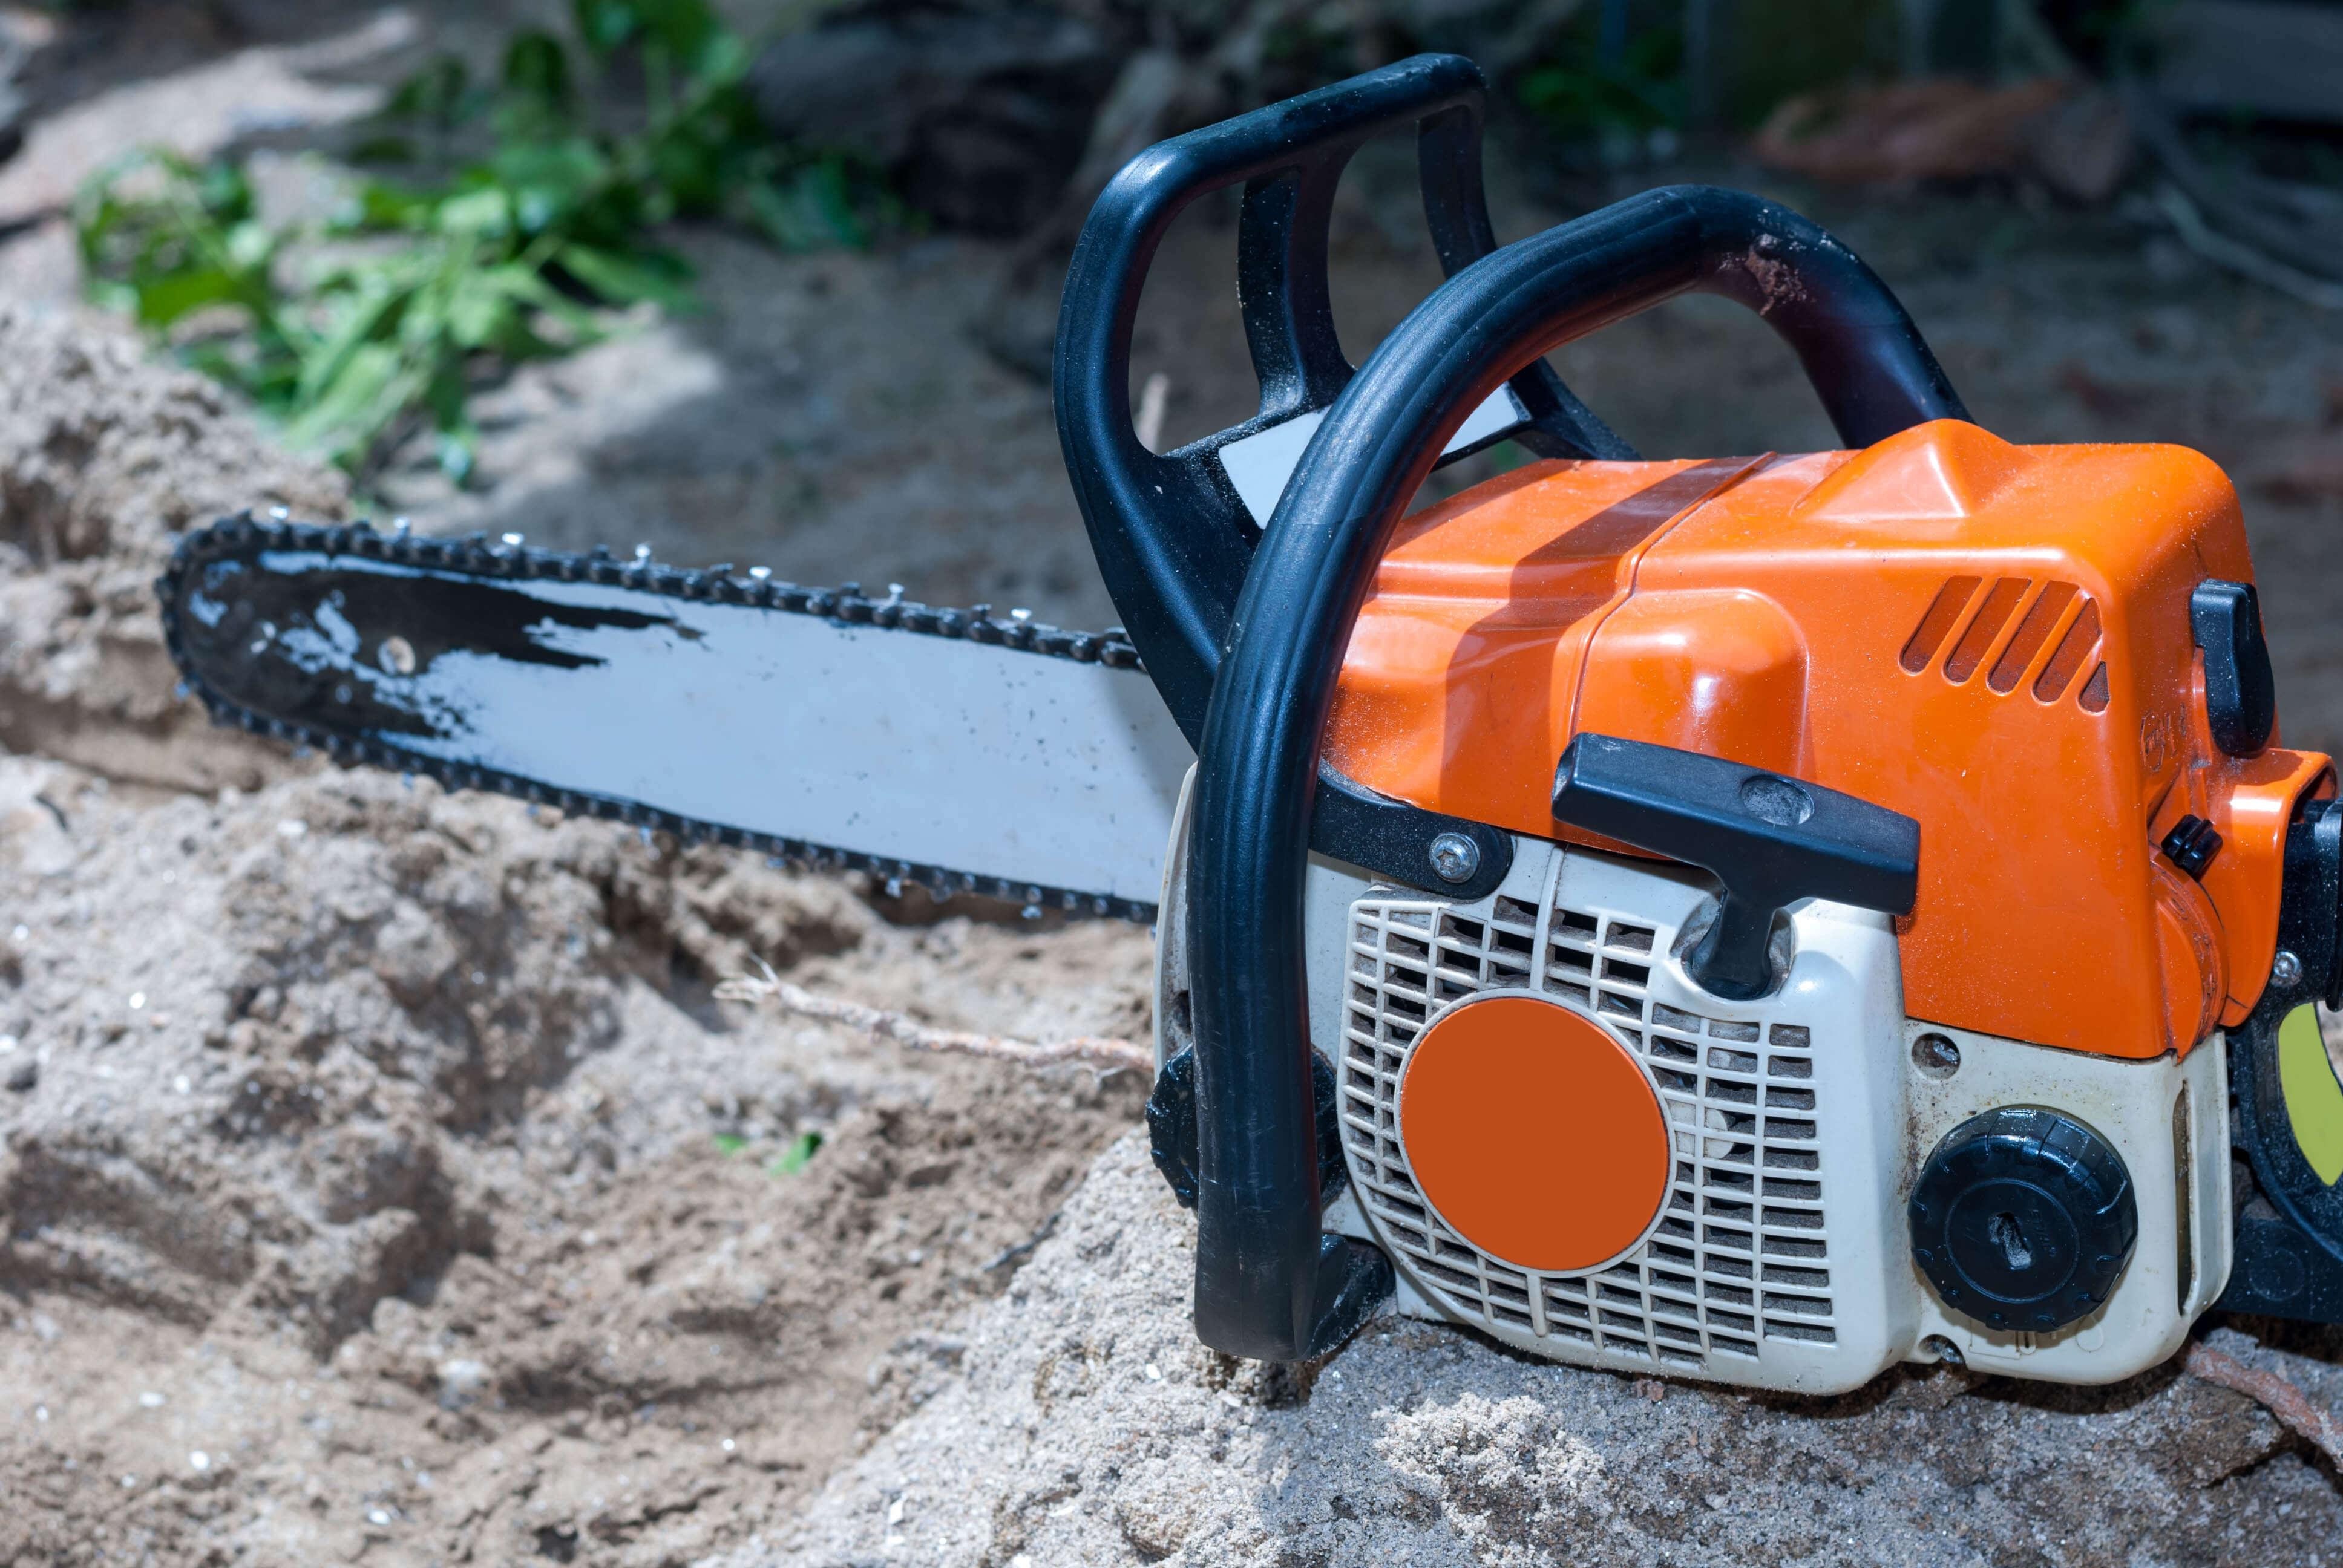 Estampados de equipo de jardiner a de acero y componentes for Equipo de jardineria